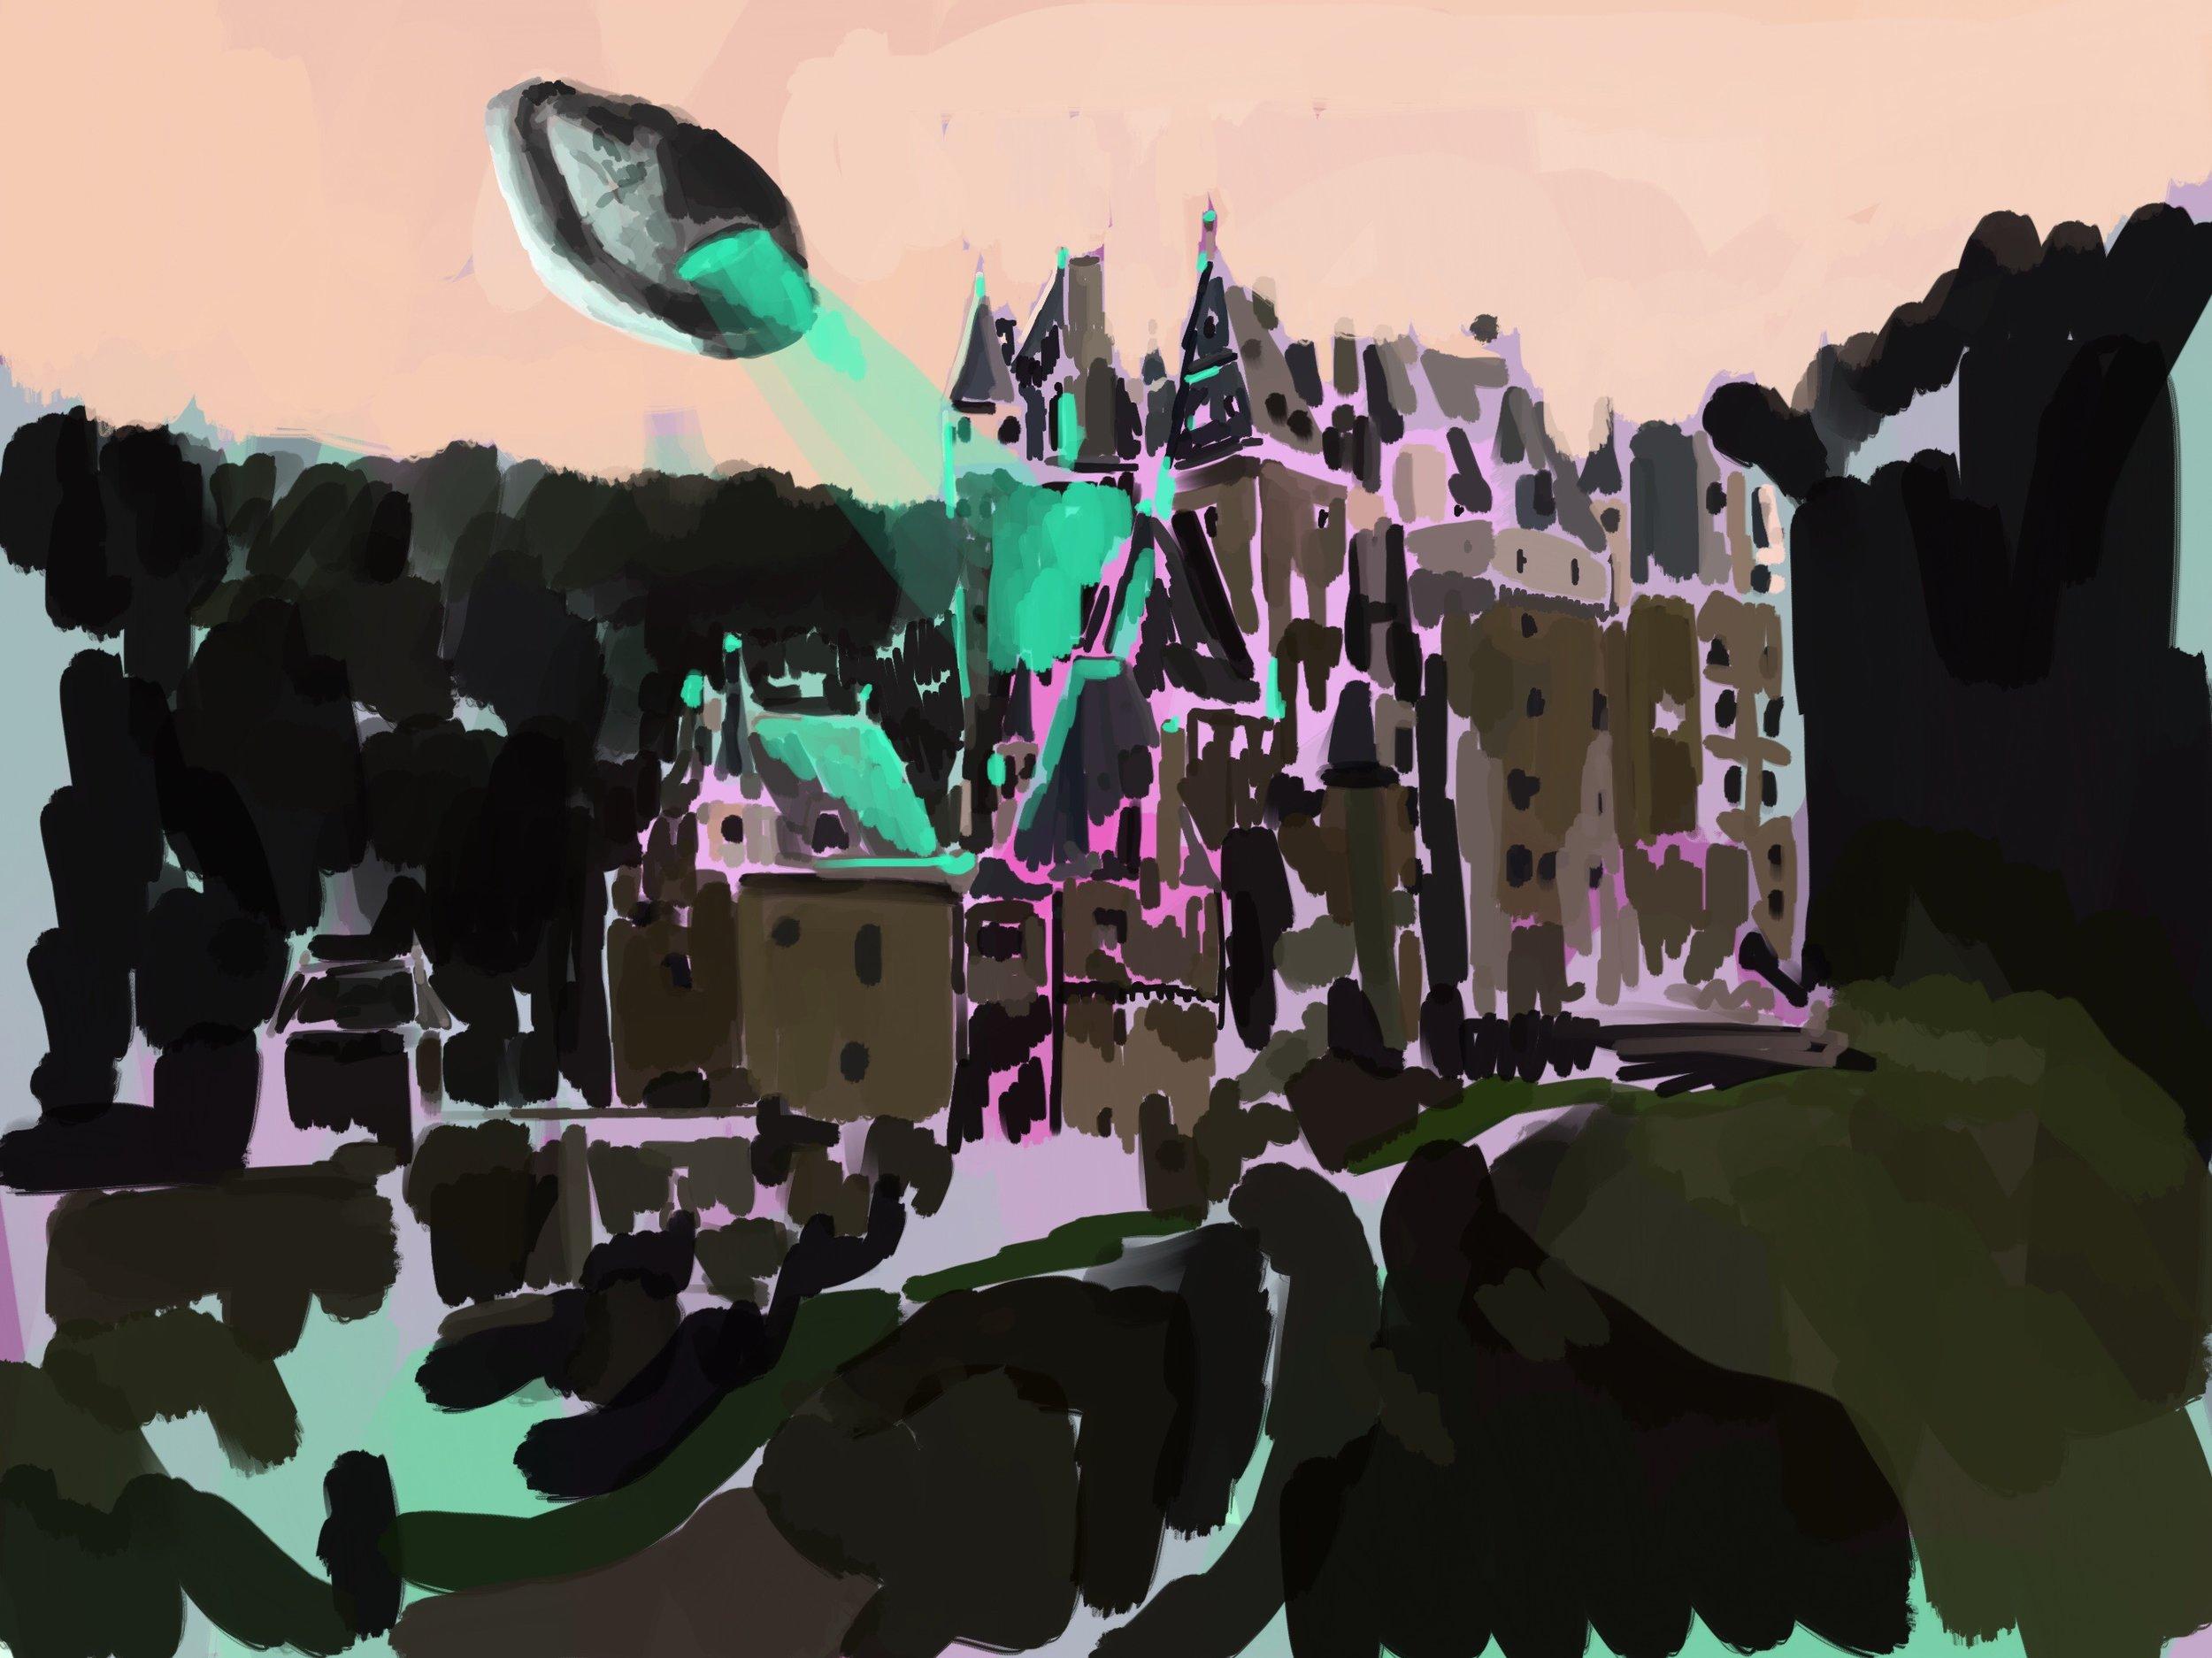 castle 3, acrylic on canvas, 60x80cm